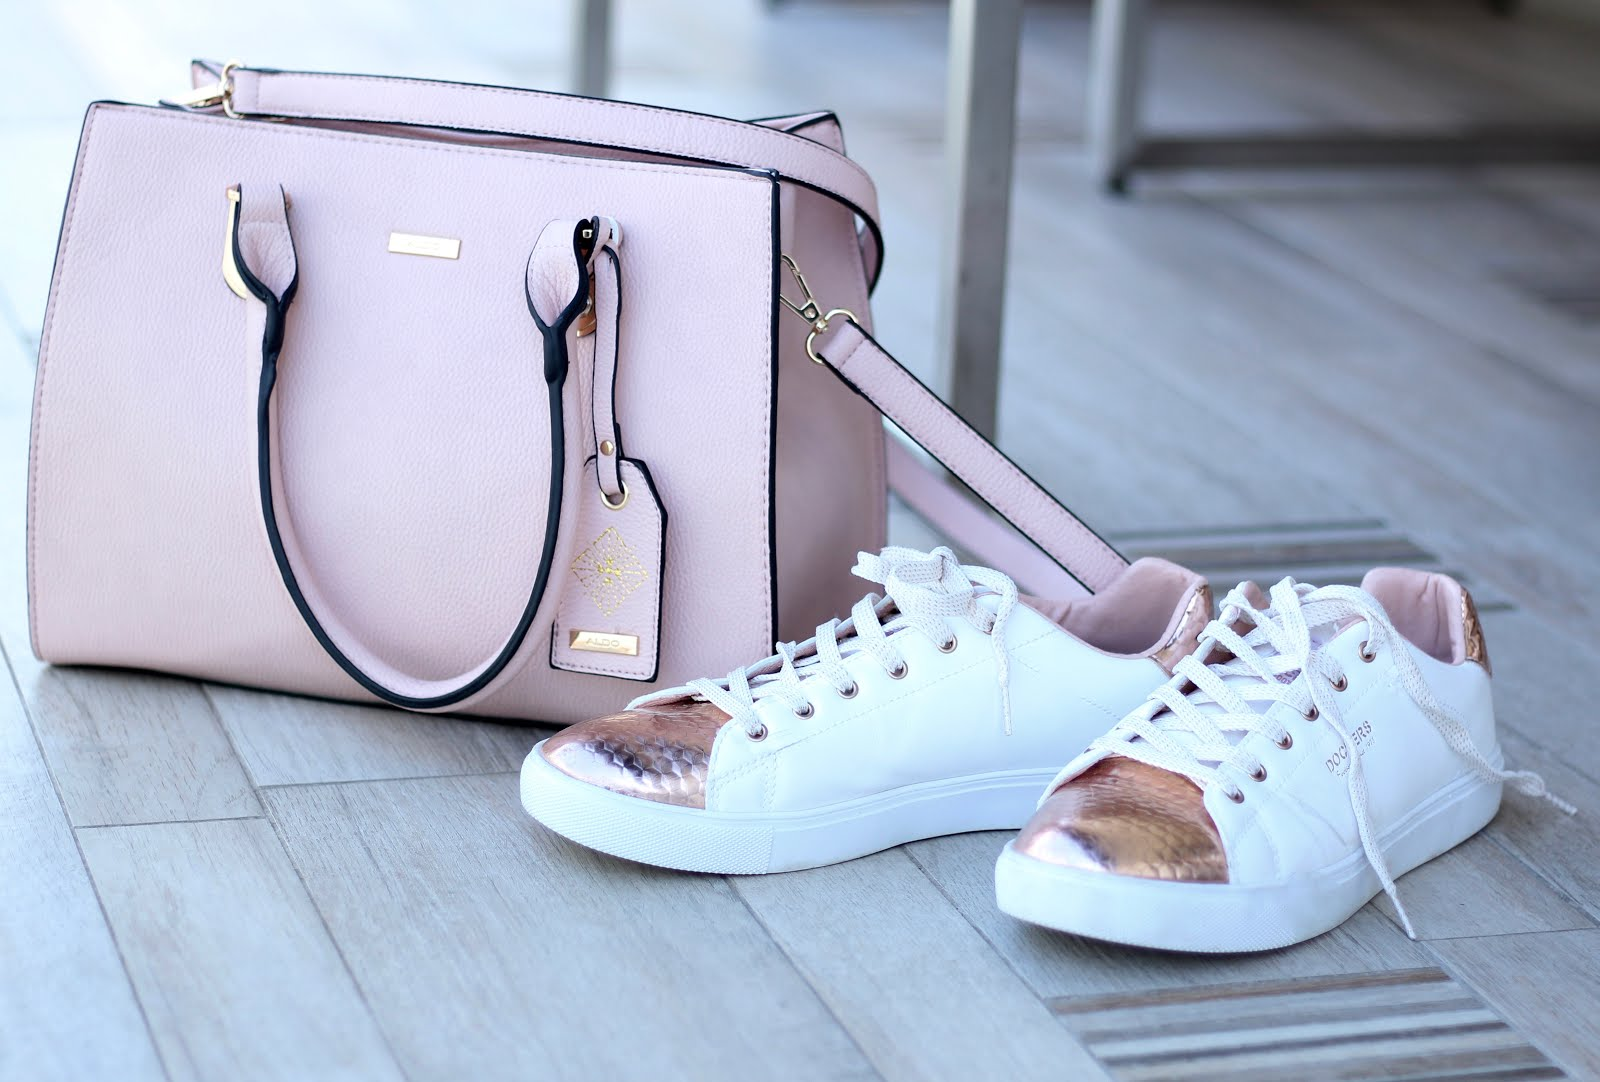 Rosafarbene Handtasche von Aldo und roségold-weiße Dockers: Fashion Friday in Goldbraun - sportlich elegante Mode für Stadt und Büro und ein paar Gedanken zum Thema Selbstliebe